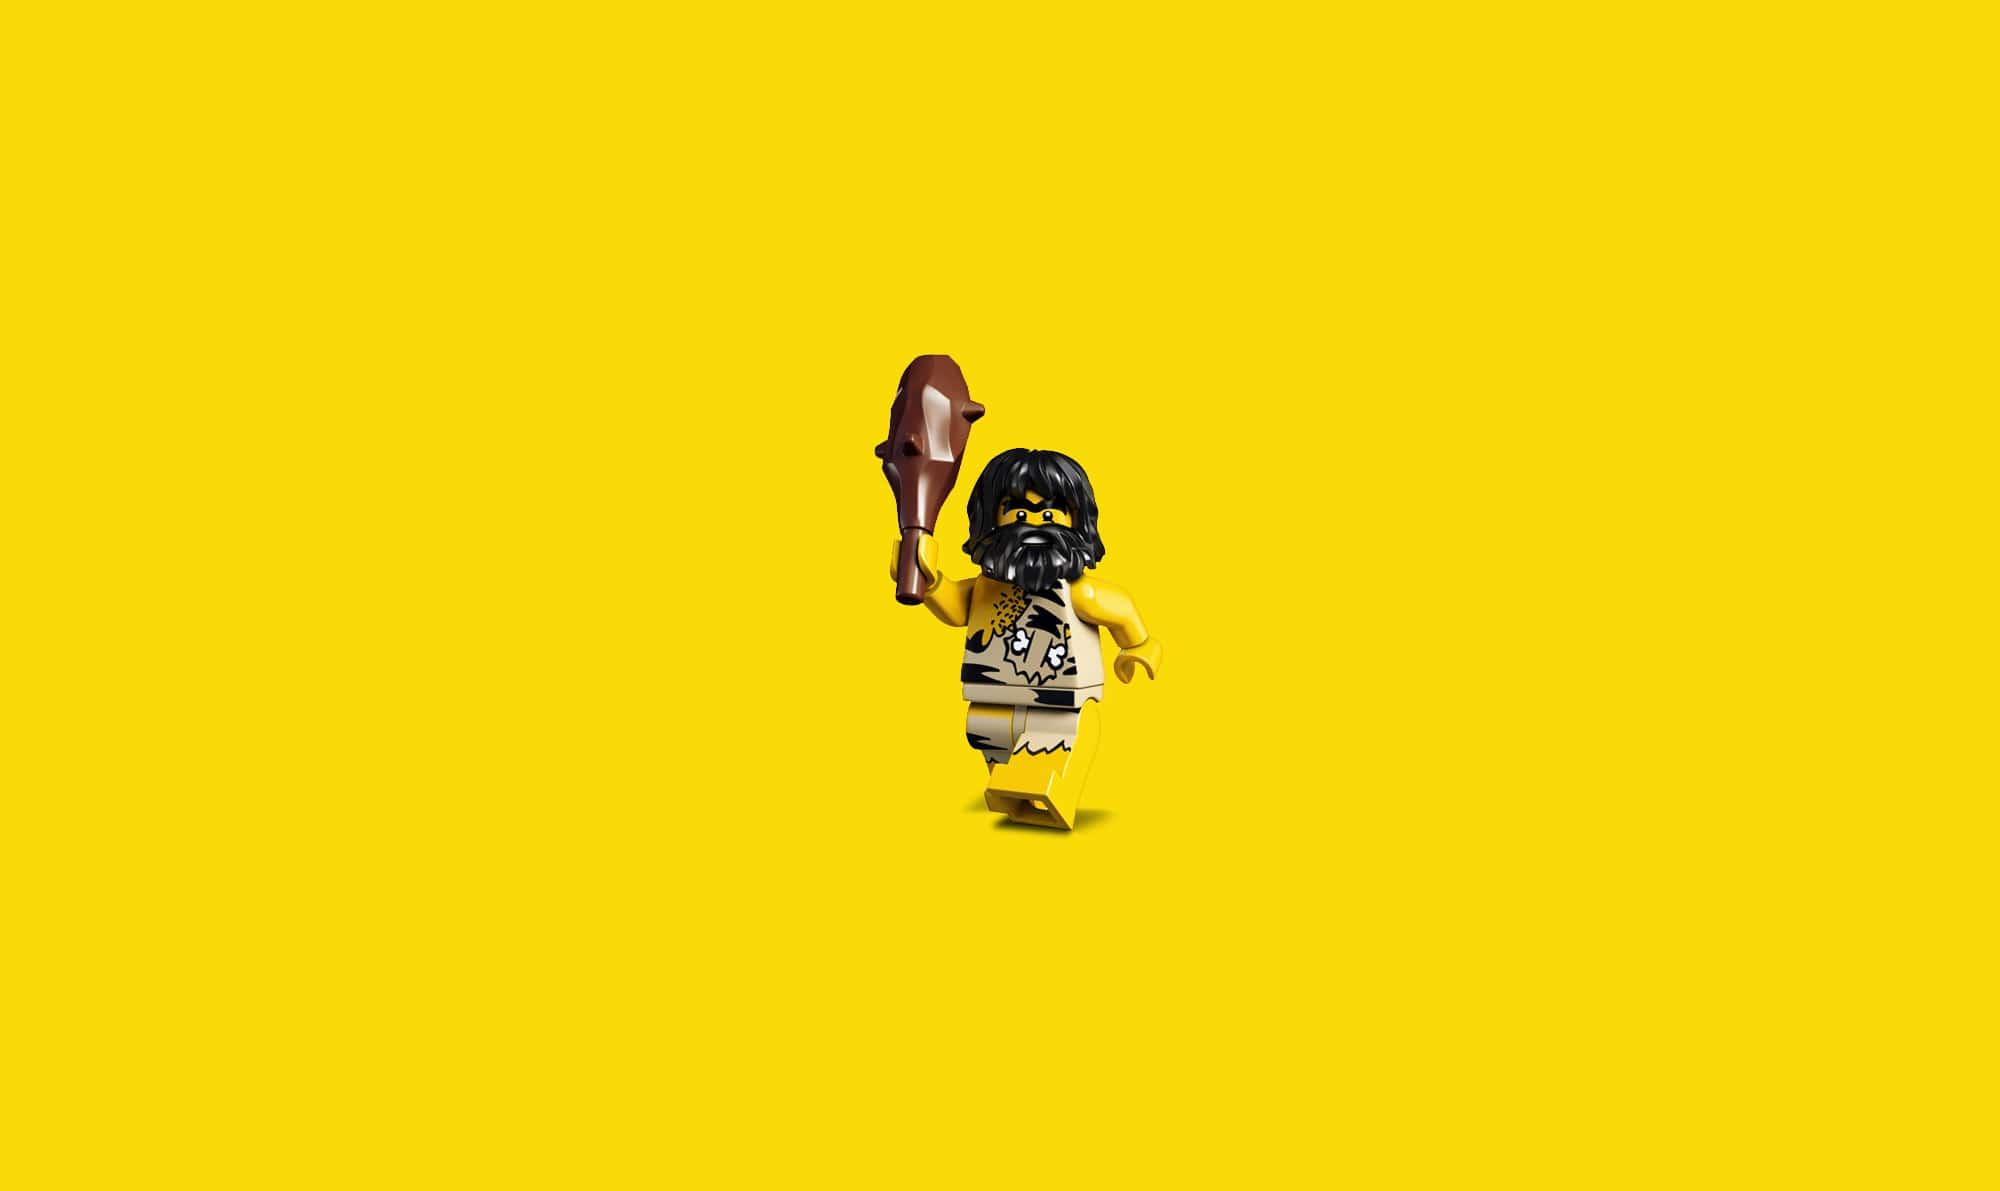 caveman_no-text